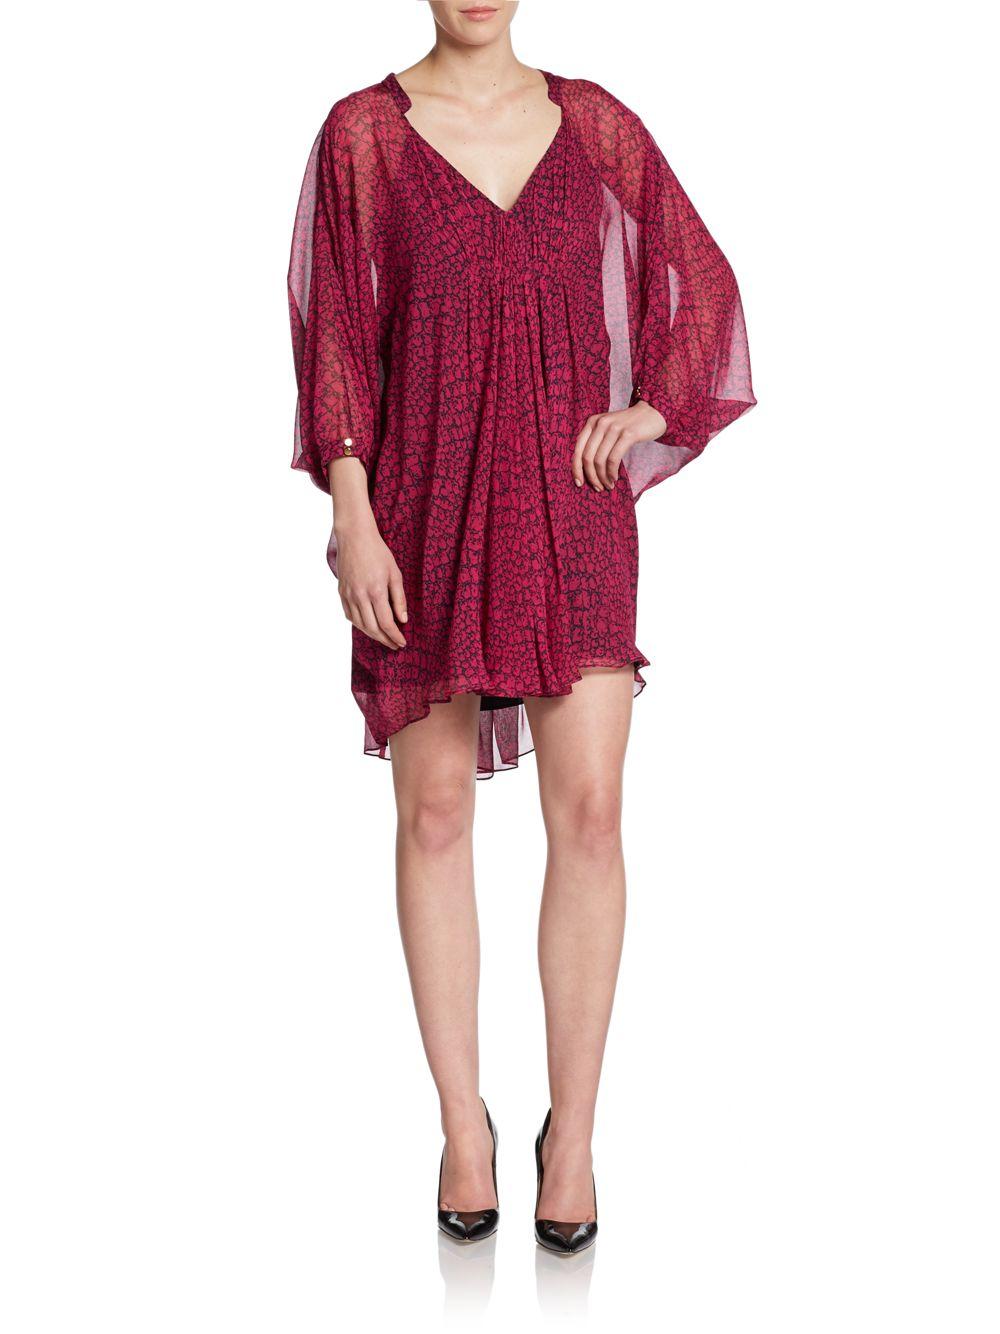 641cd725f7a94 Lyst - Diane von Furstenberg Fleurette Snake-Print Silk Dress in Red